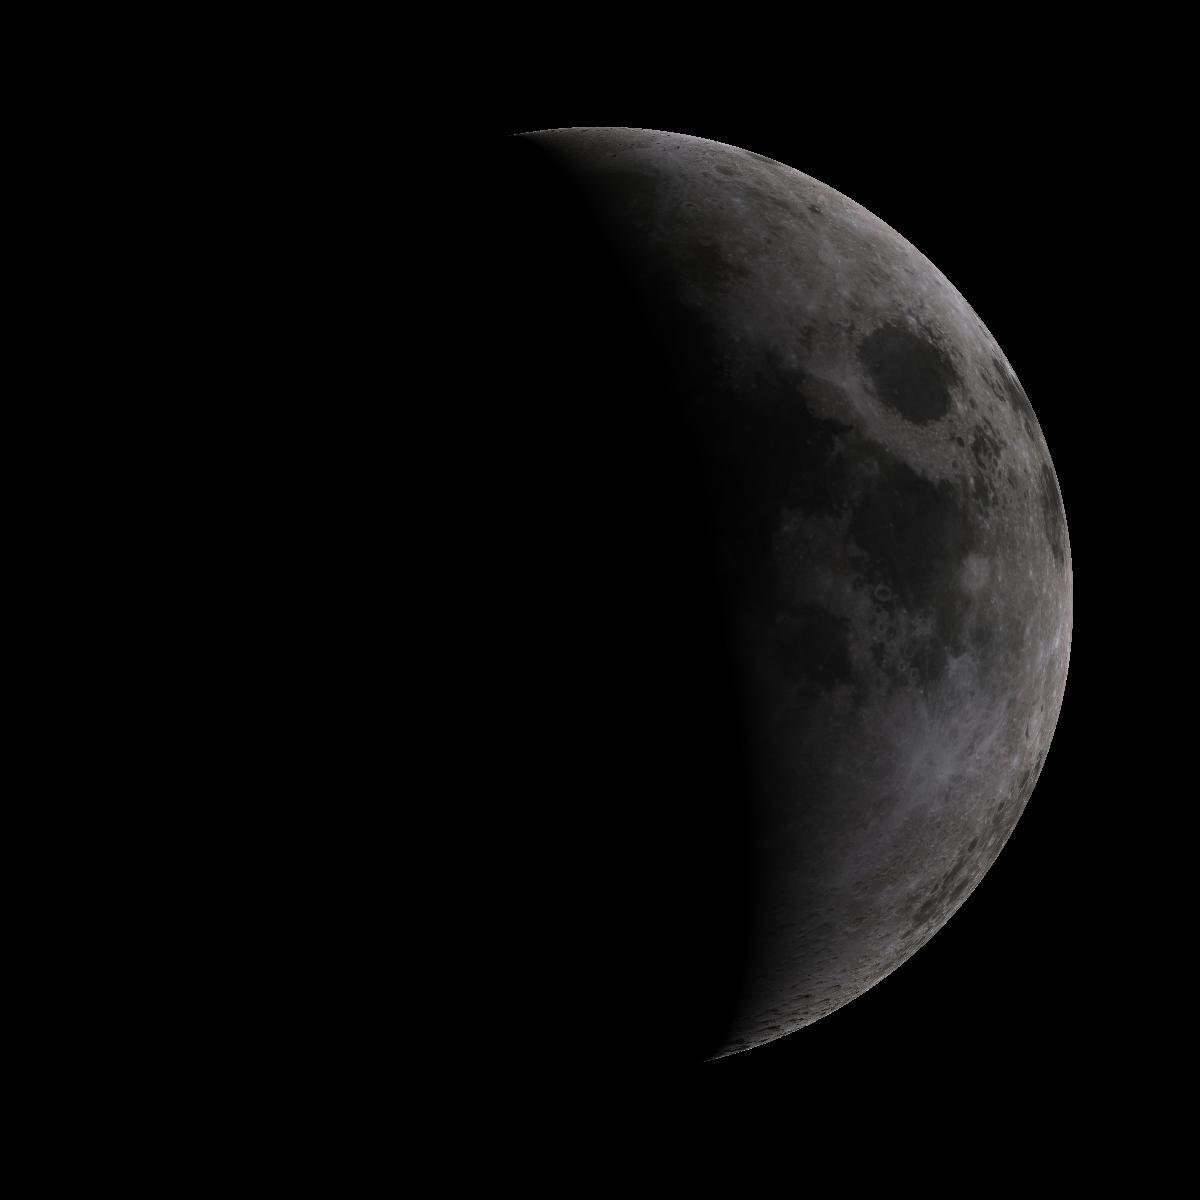 Lune du 5 septembre 2019